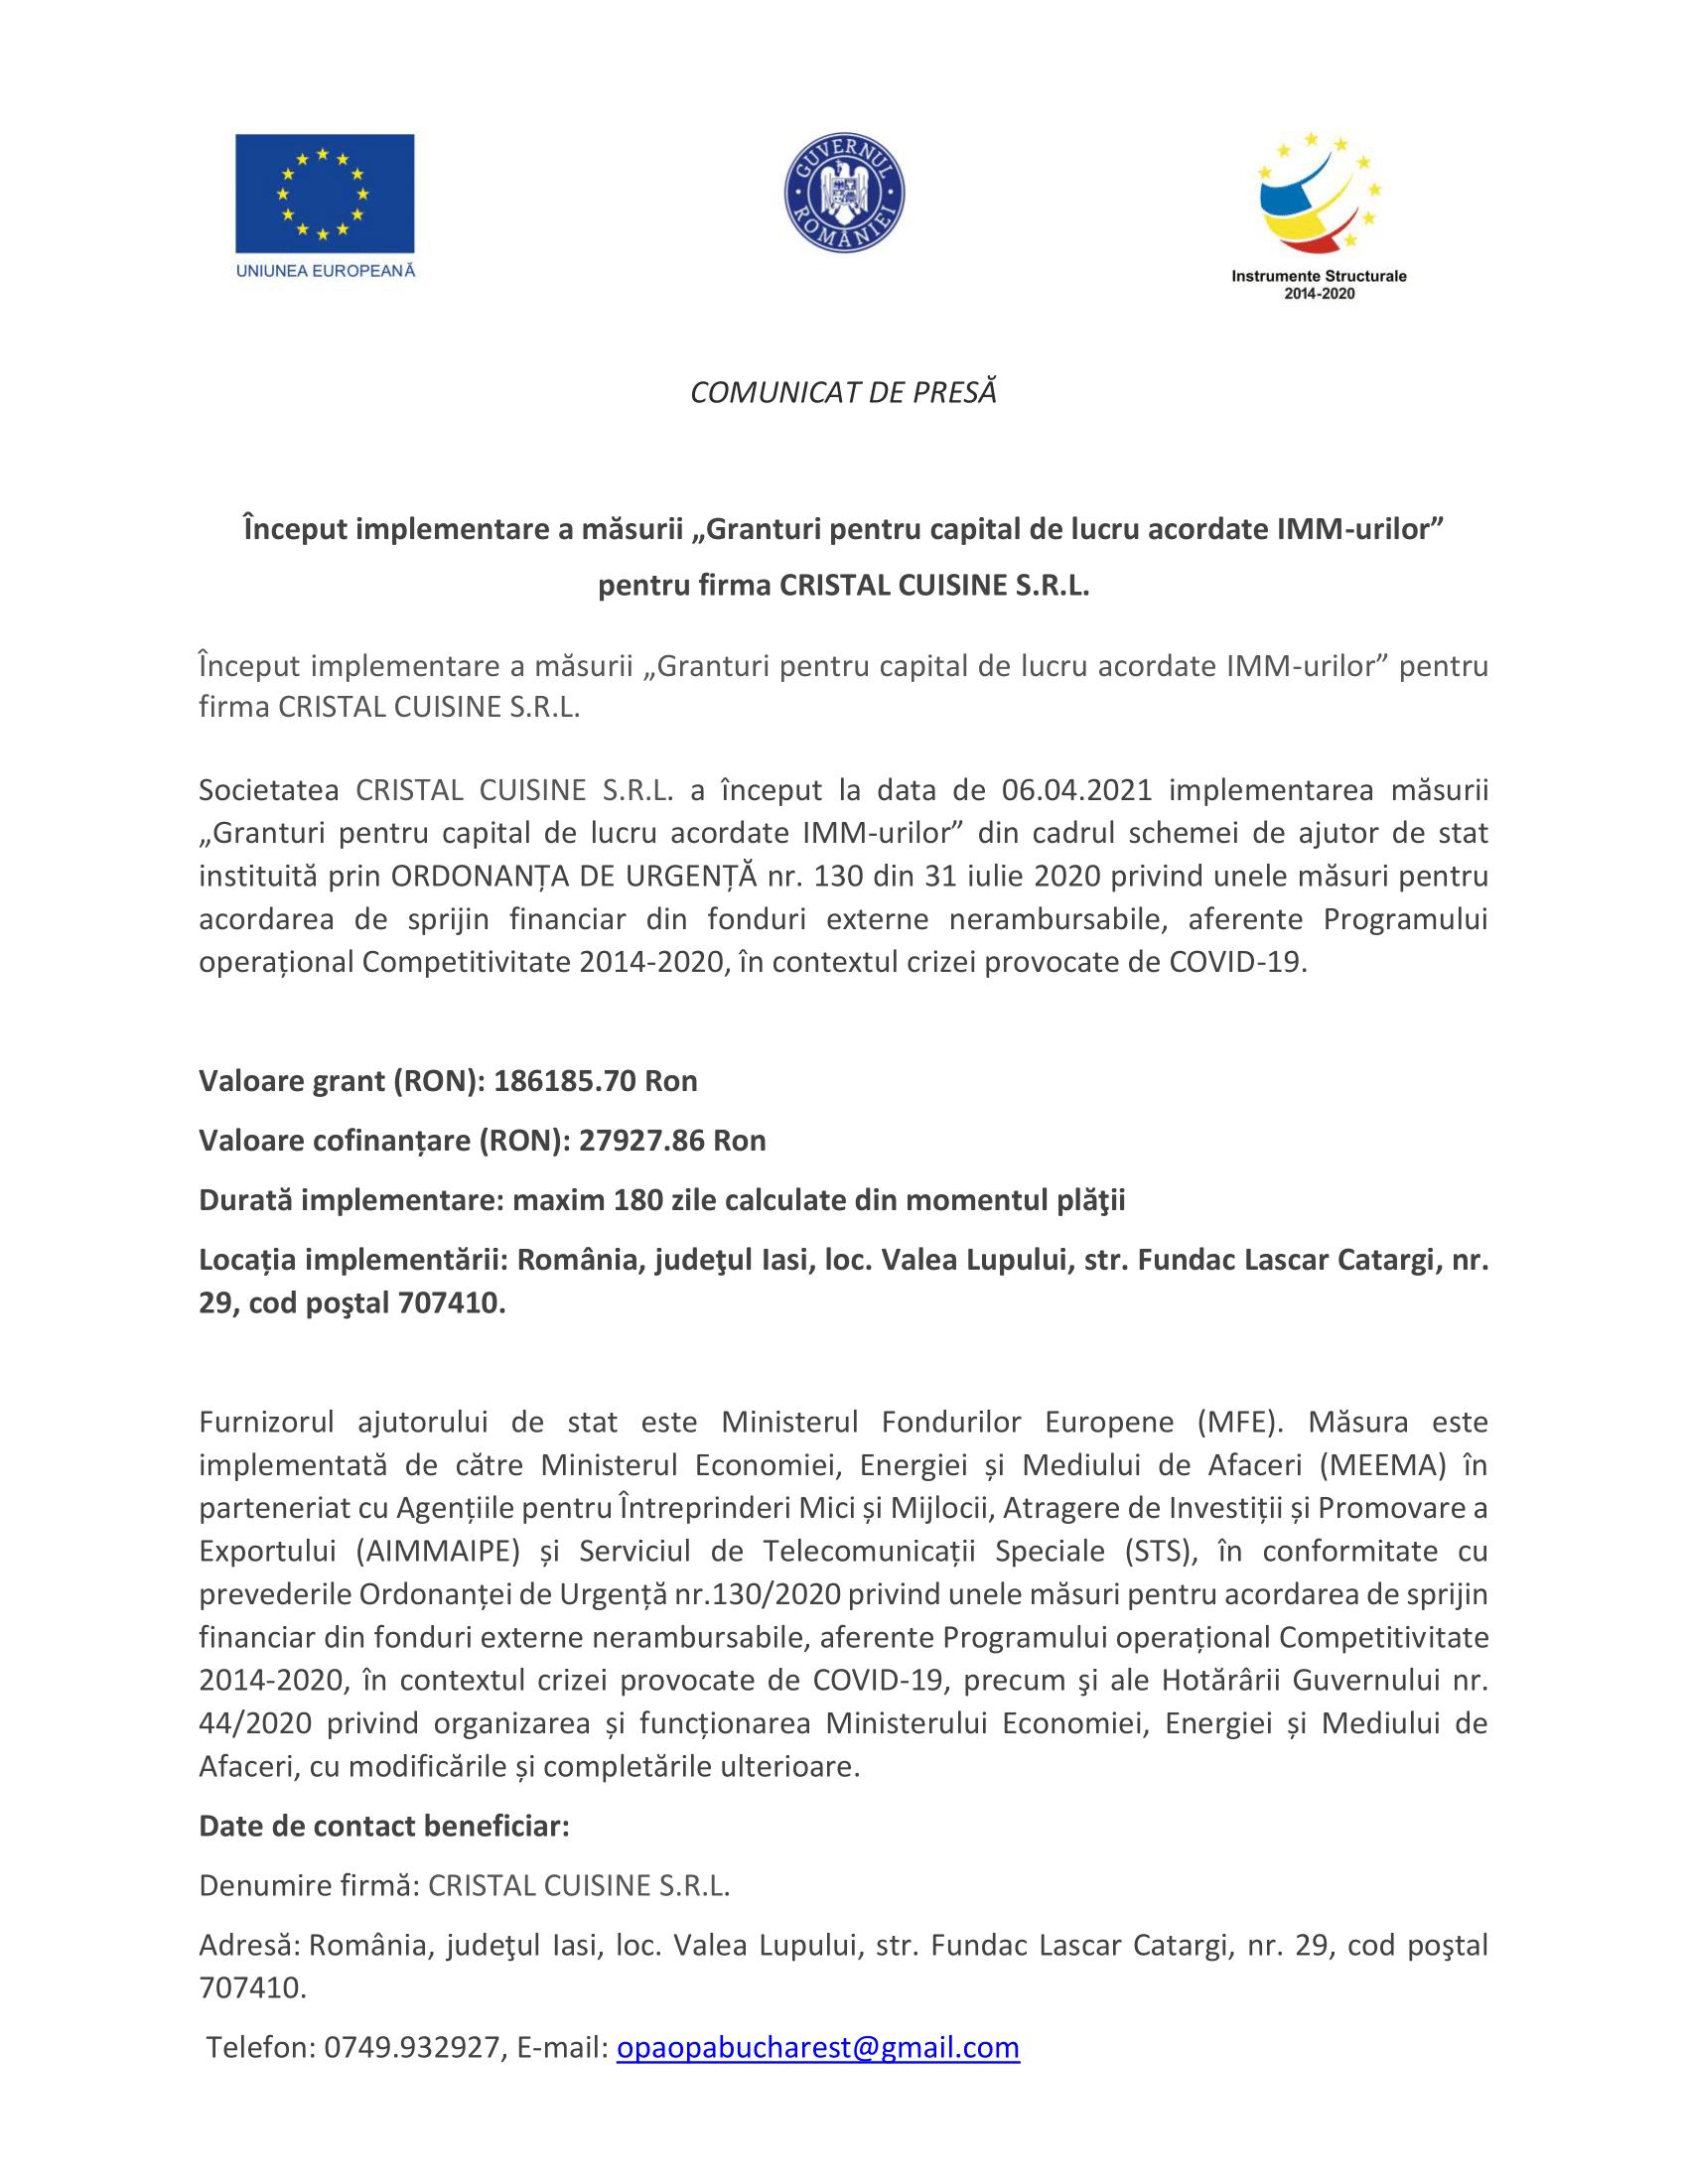 Anunt Fonduri Europene M2 - CRISTAL CUISINE-1